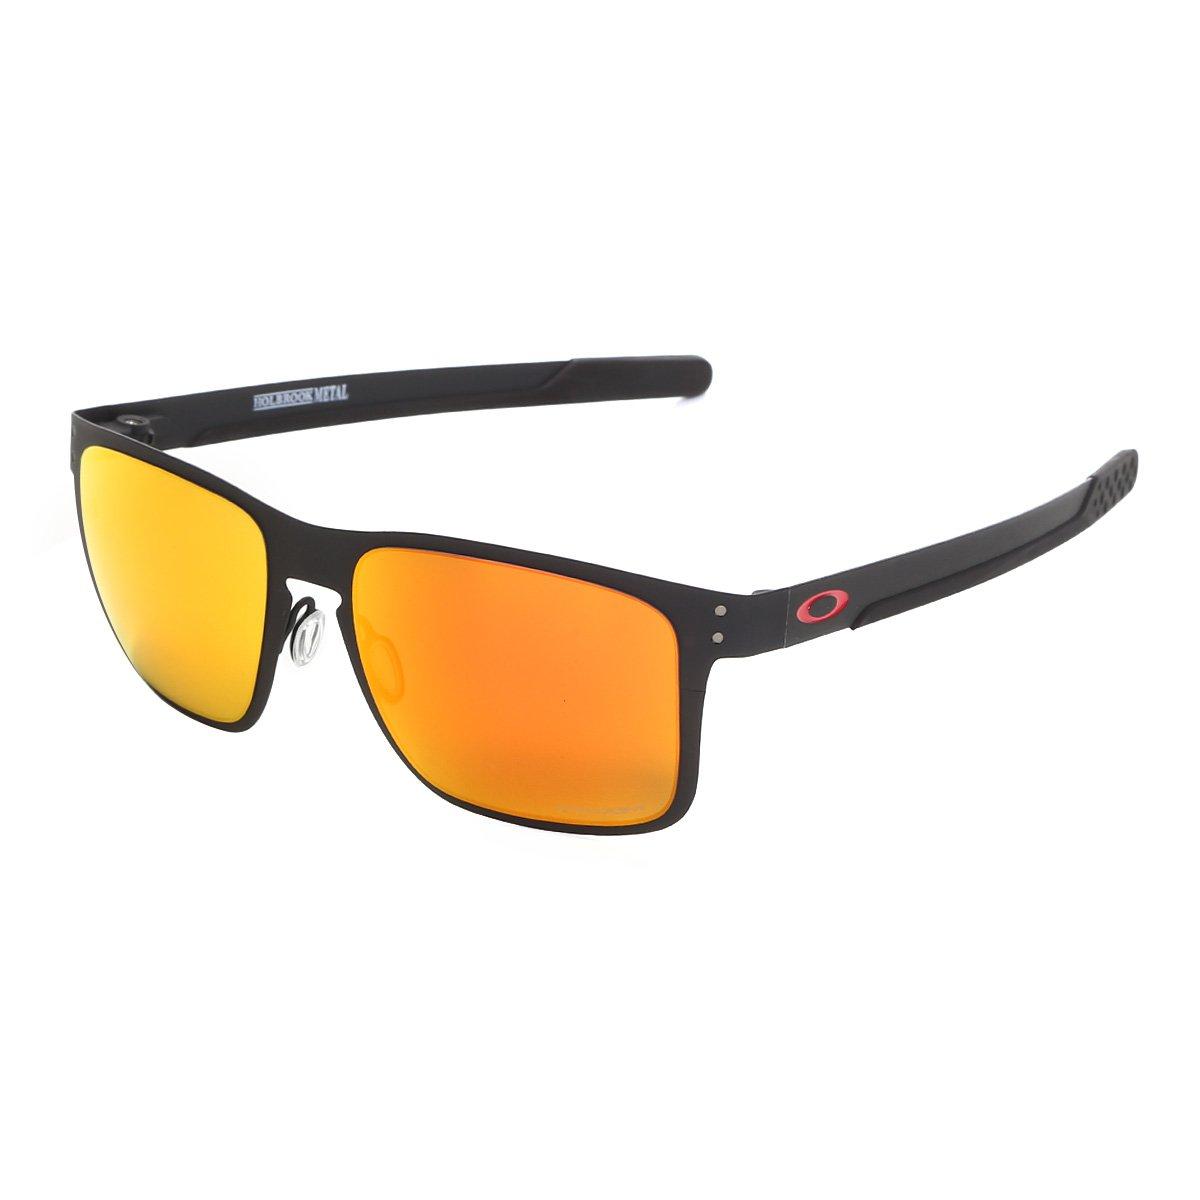 5f9136d1b Óculos De Sol Oakley Holbrook Metal Prizm Masculino